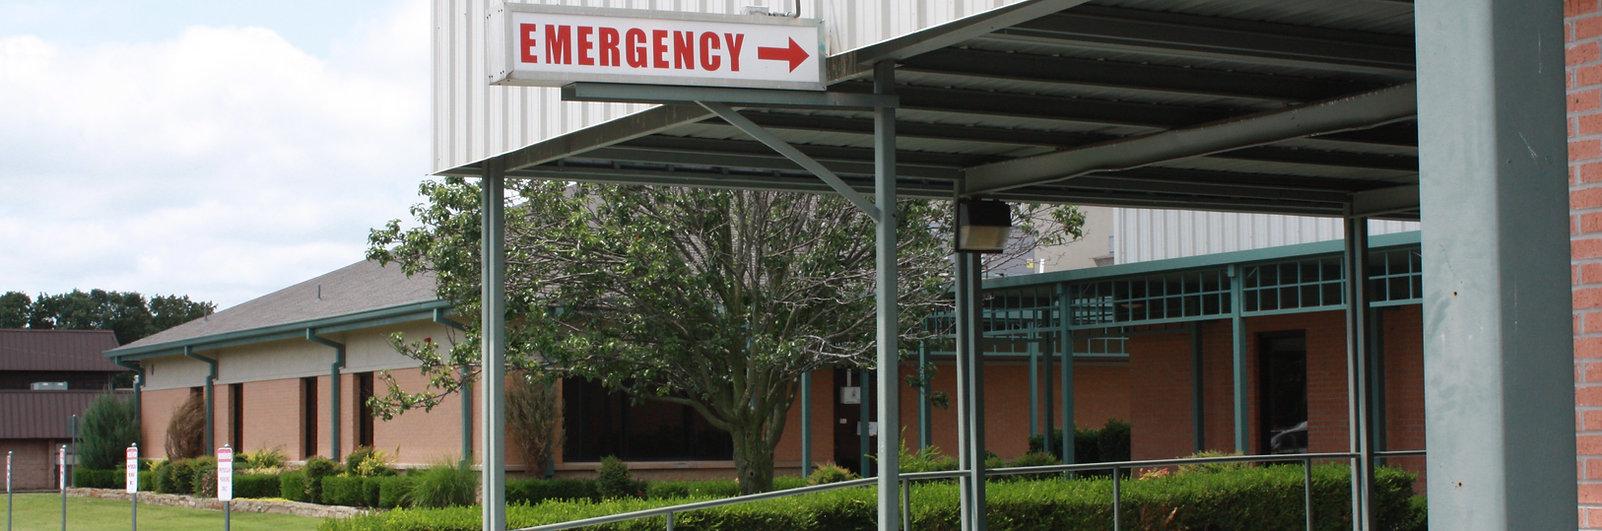 Image of Cleveland Area Hospital